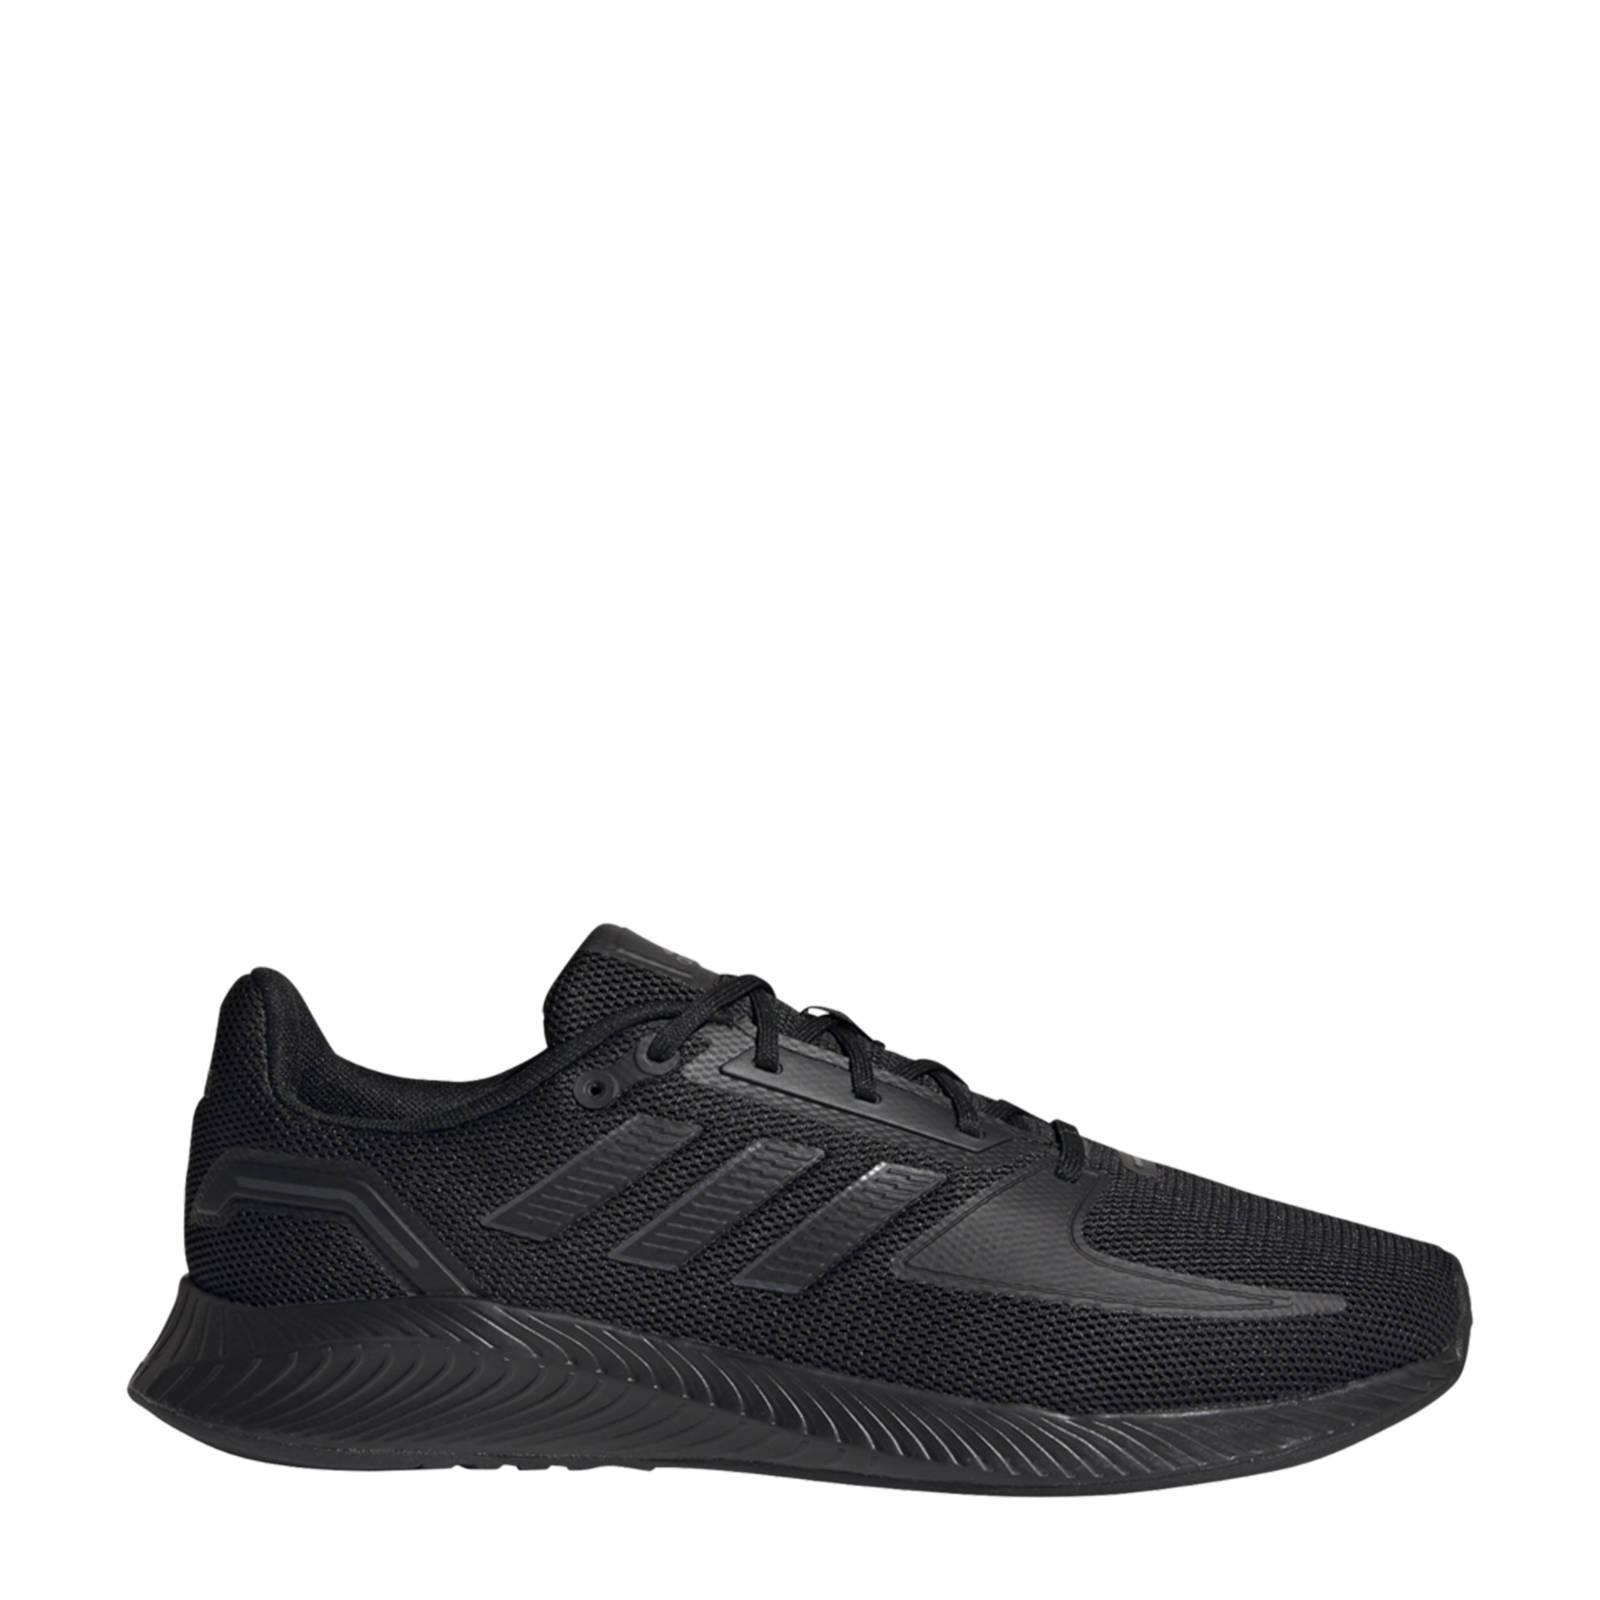 Adidas Performance Runfalcon 2.0 hardloopschoenen zwart/grijs online kopen